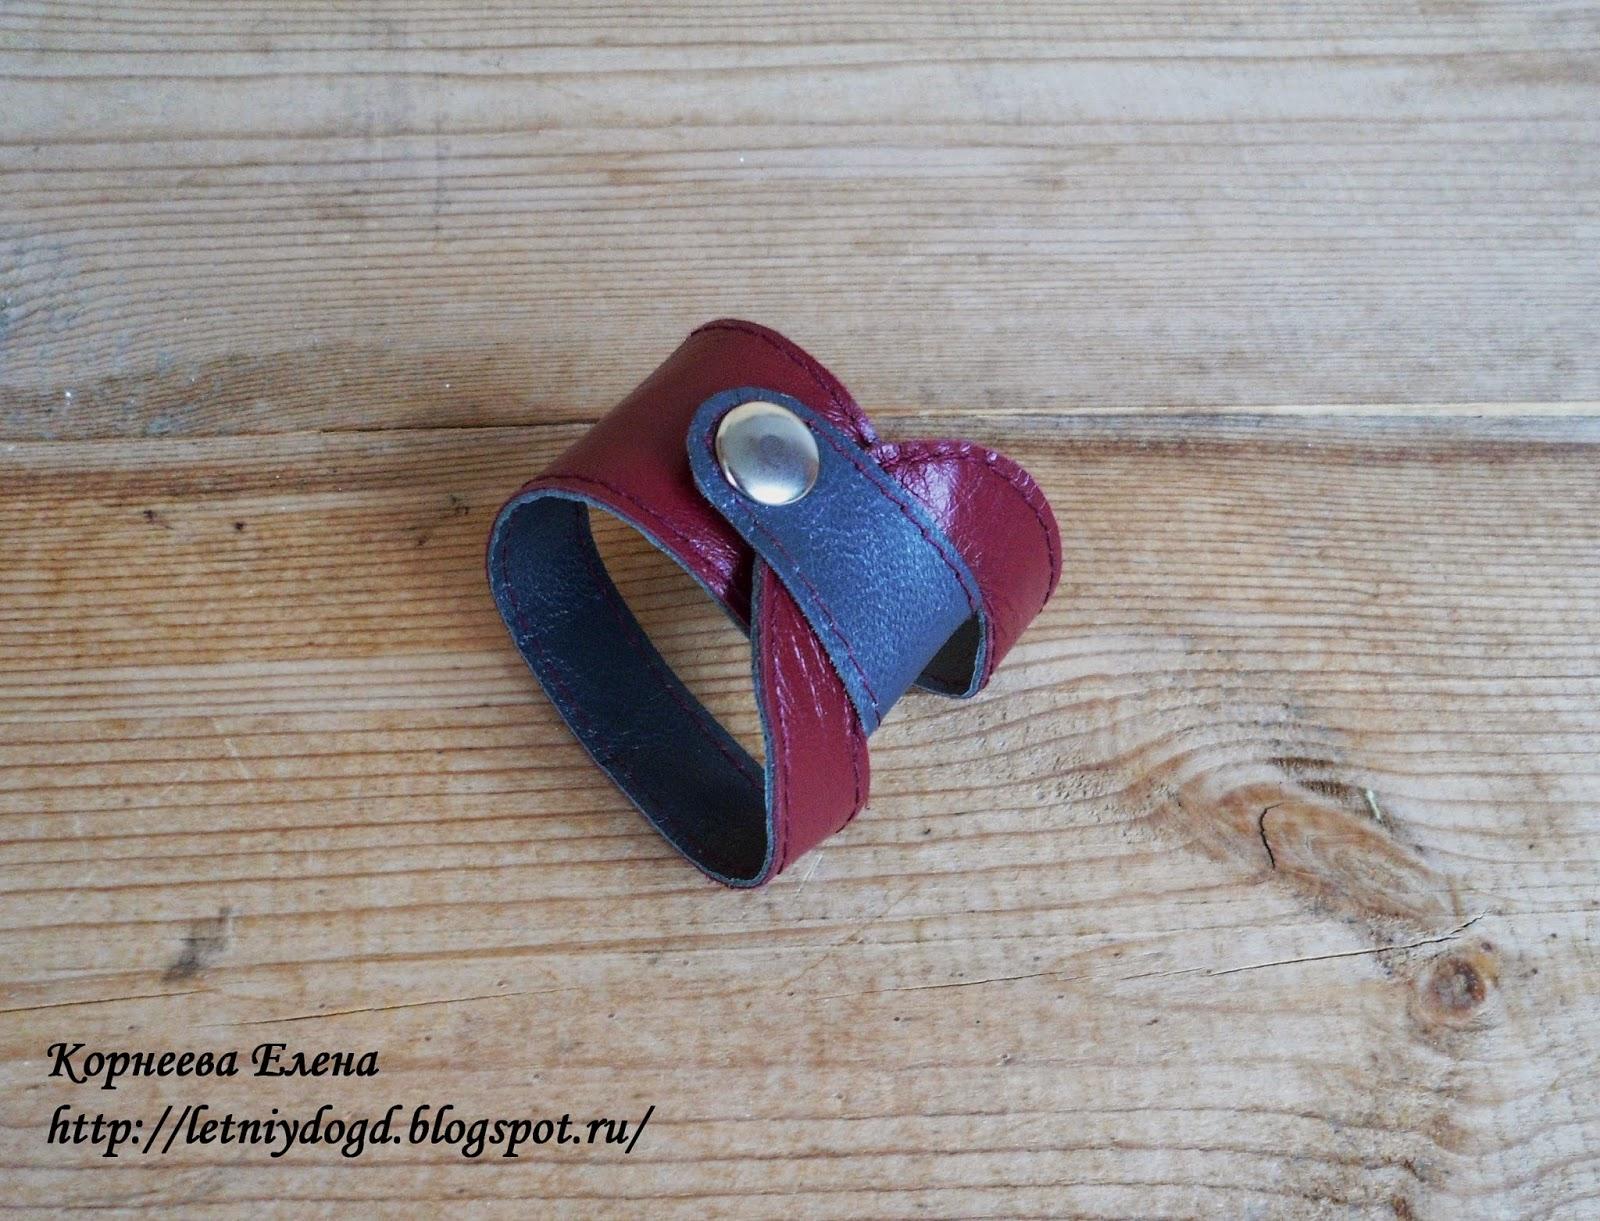 женский браслет из натуральной кожи